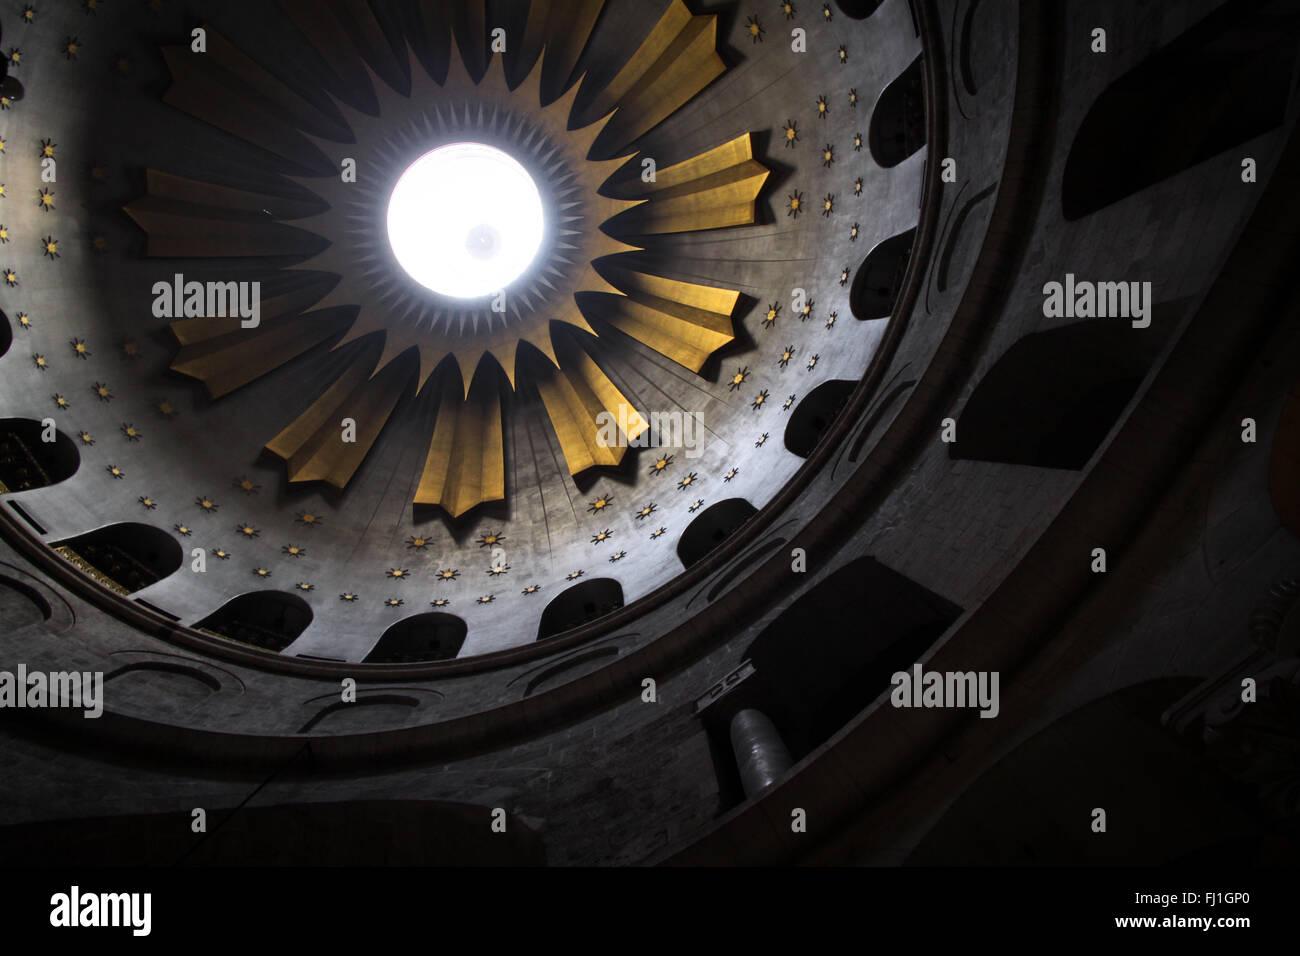 Kuppel der Kirche des Heiligen Grabes, Jerusalem Stockbild